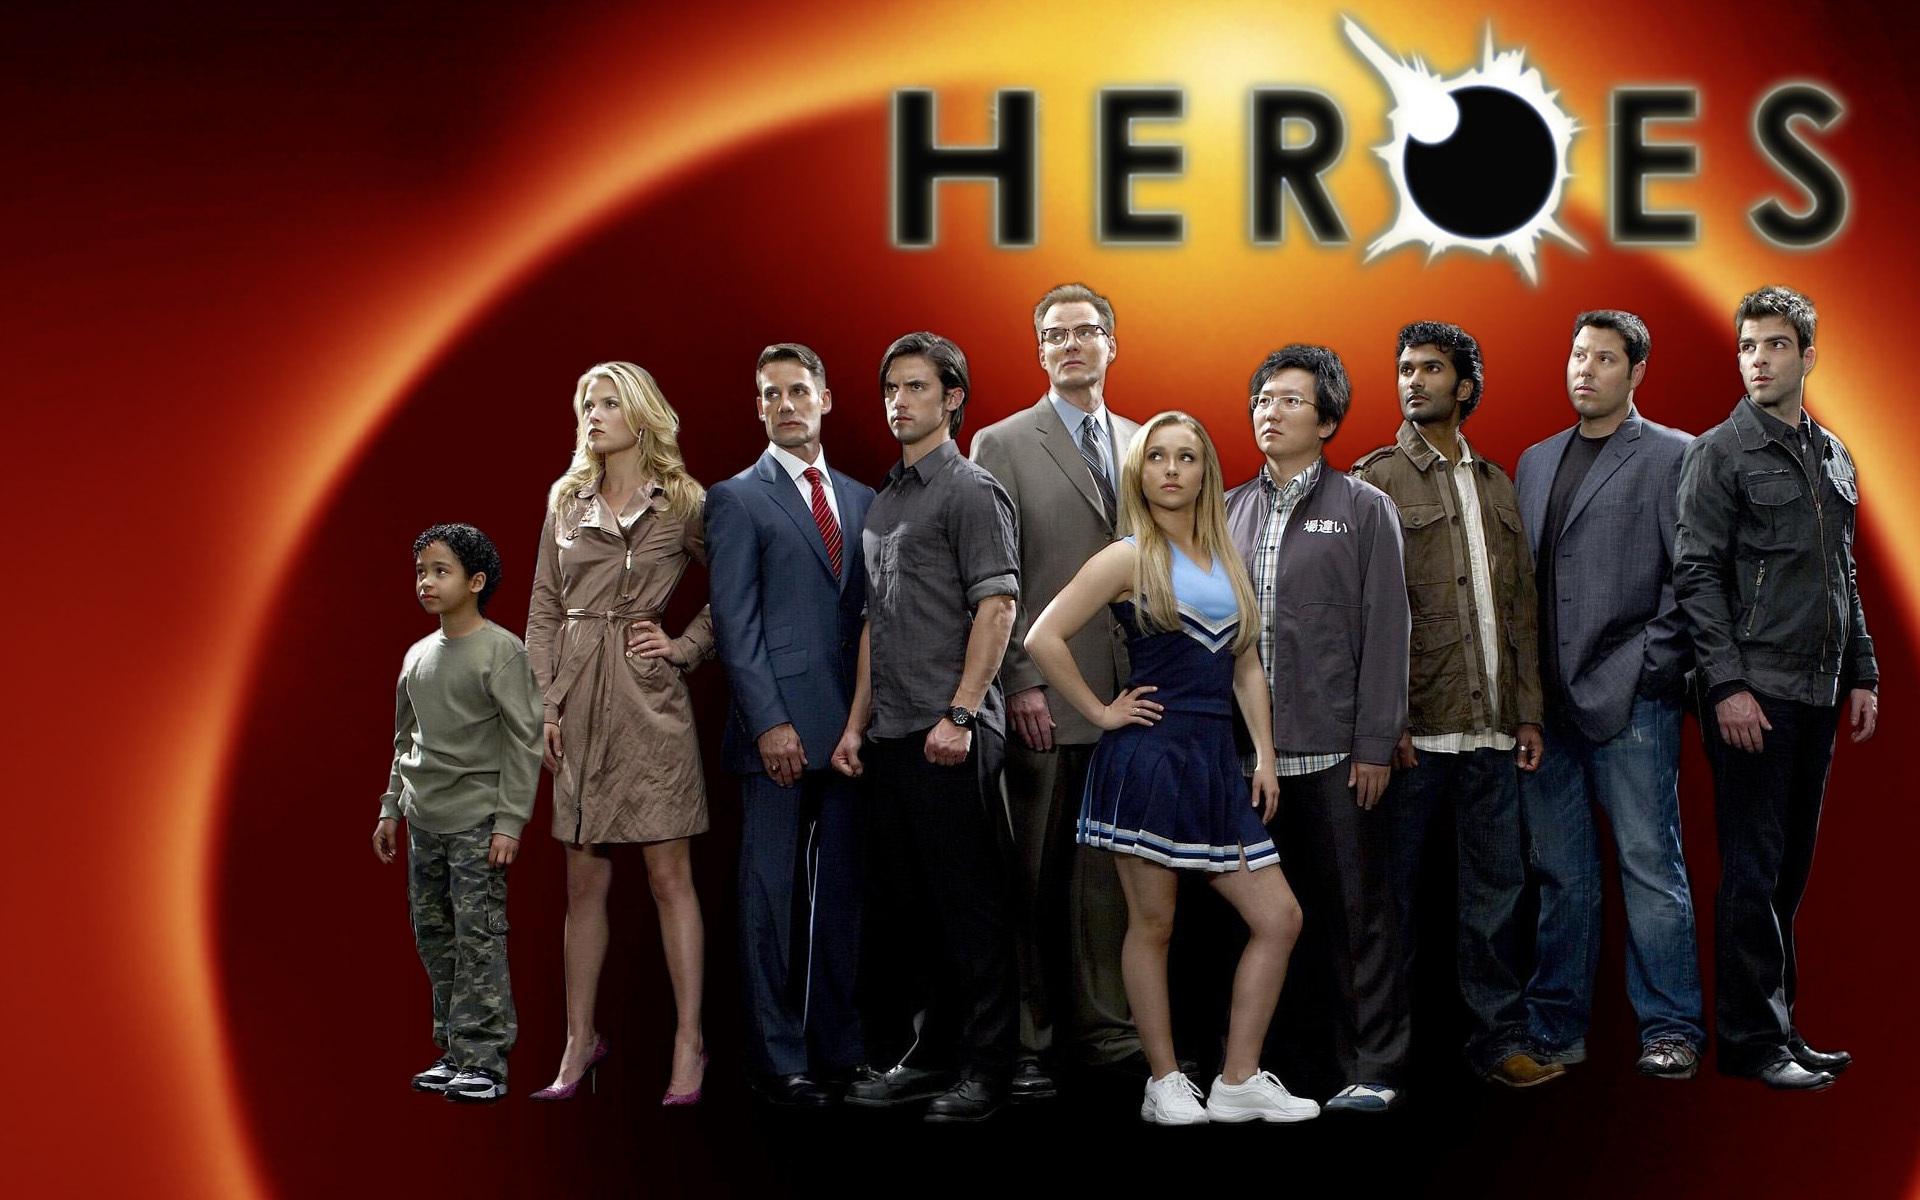 heroes wallpaper heroes 15409523 1920 1200 1920x1200